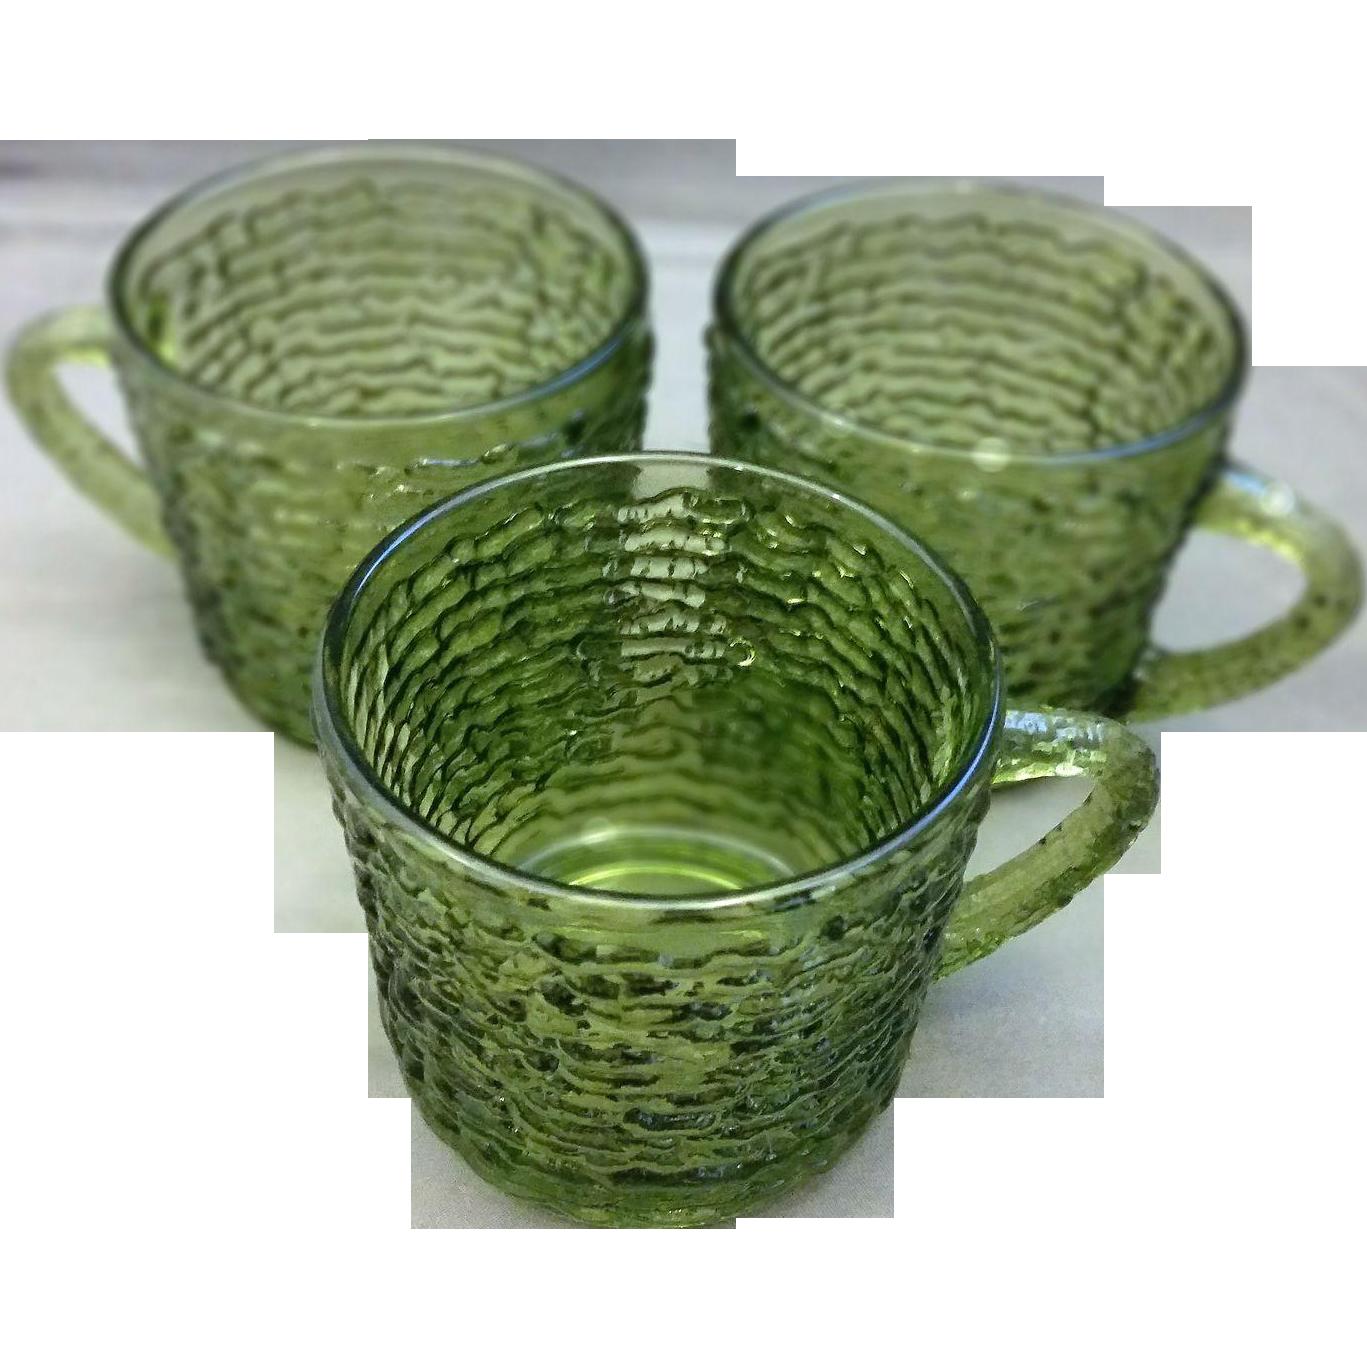 Soreno Avocado Green Cups Set of 3